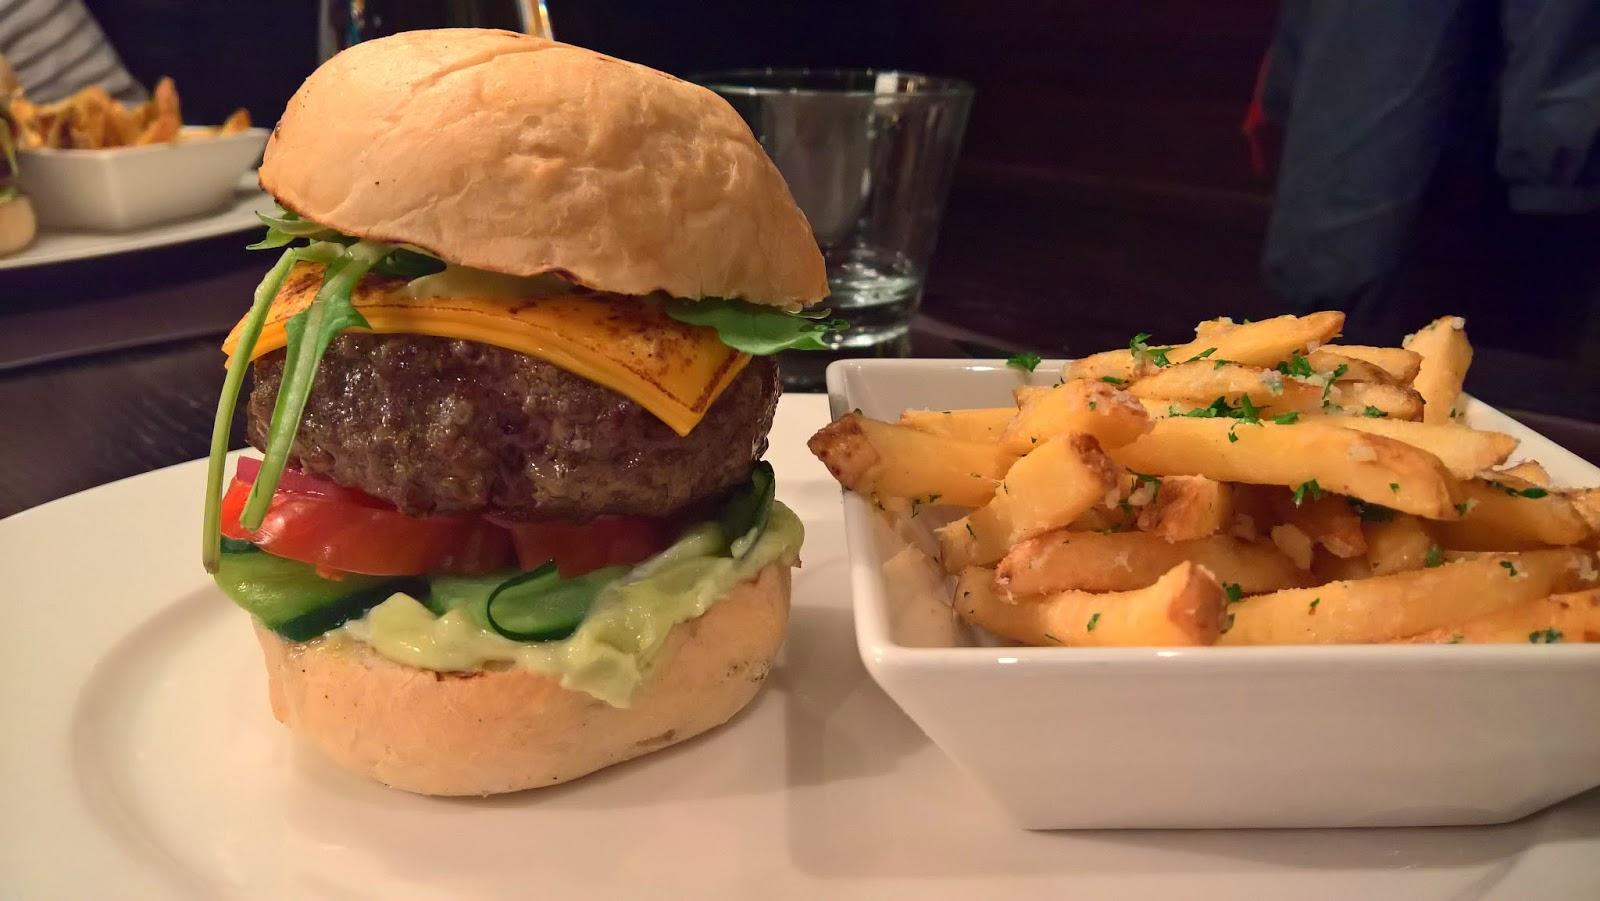 Jyväskylä hampurilaistesti hampurilainen burger mallaspulla ruokablogi stefan's steakhouse